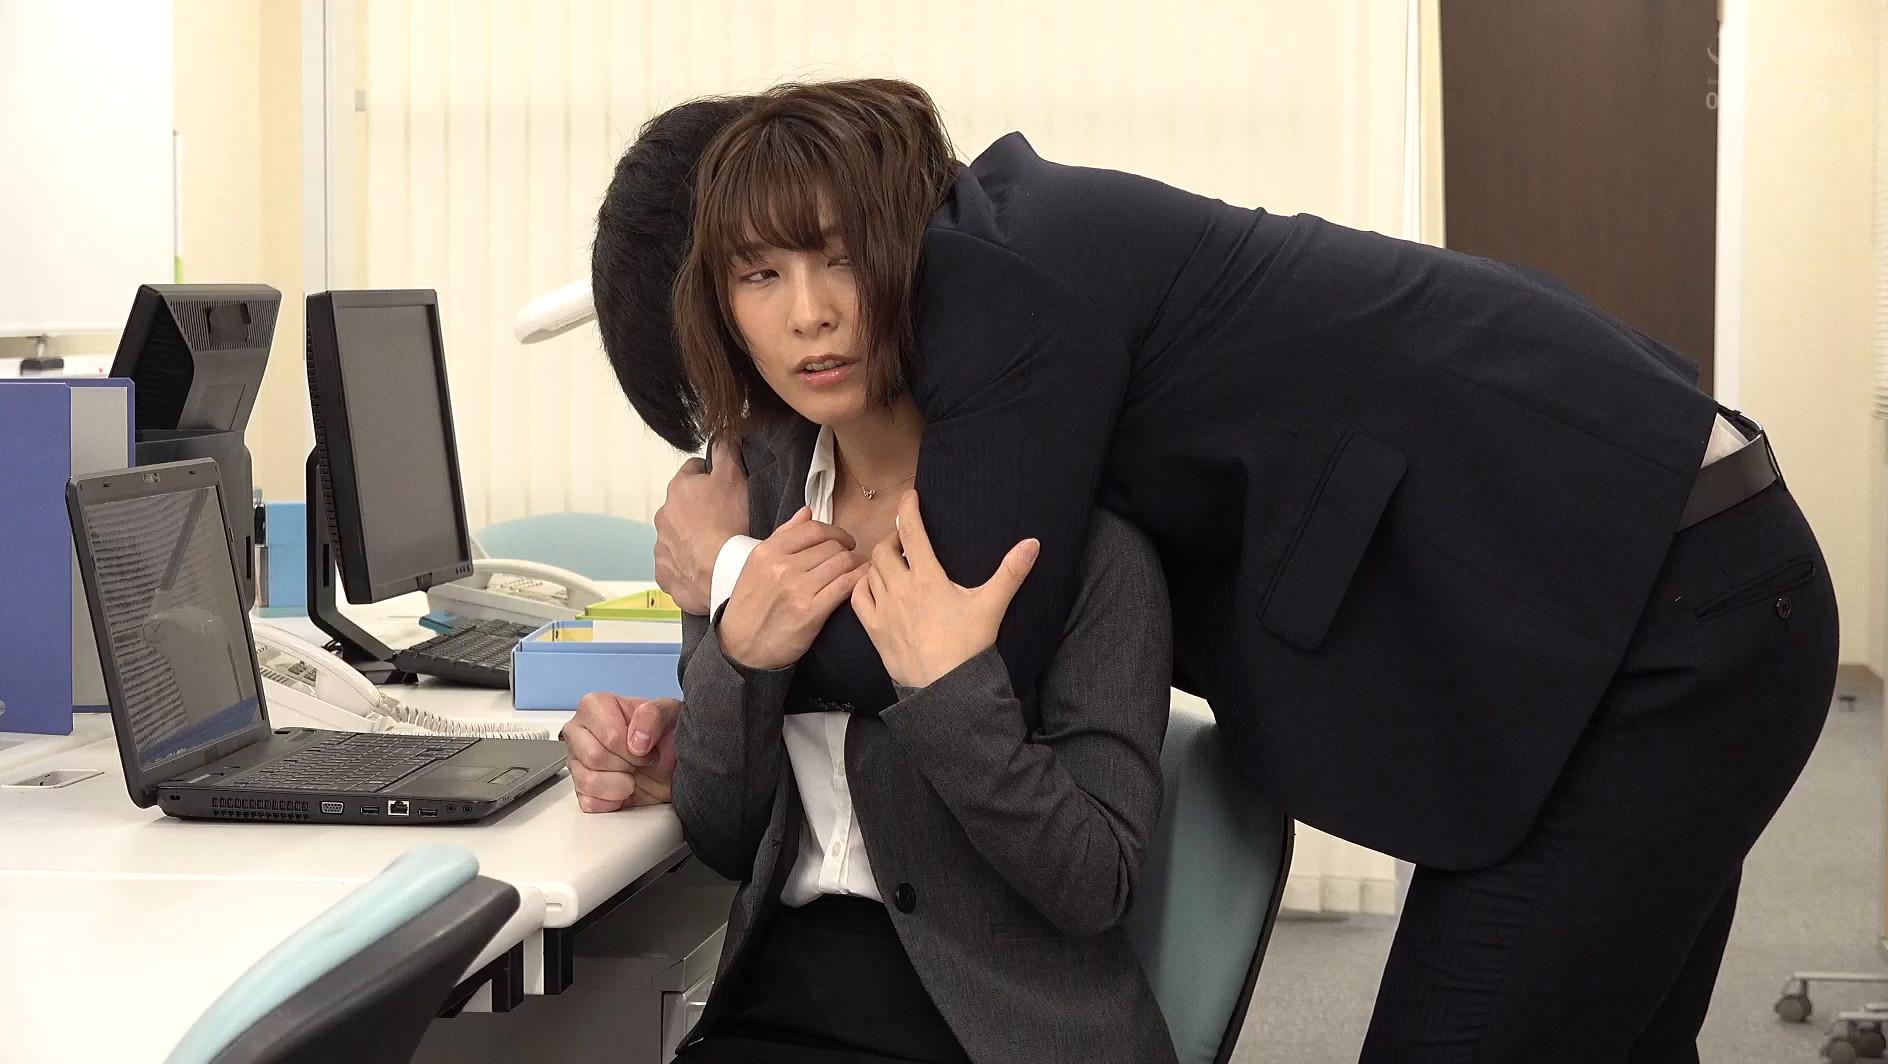 阿部乃みく ミリオン専属 第1弾ドラマ 完全女性上位 執拗に男ヲ責めて悦ぶオンナ 痴女OLはオフィスにて男性上司を堕とし狂わす17